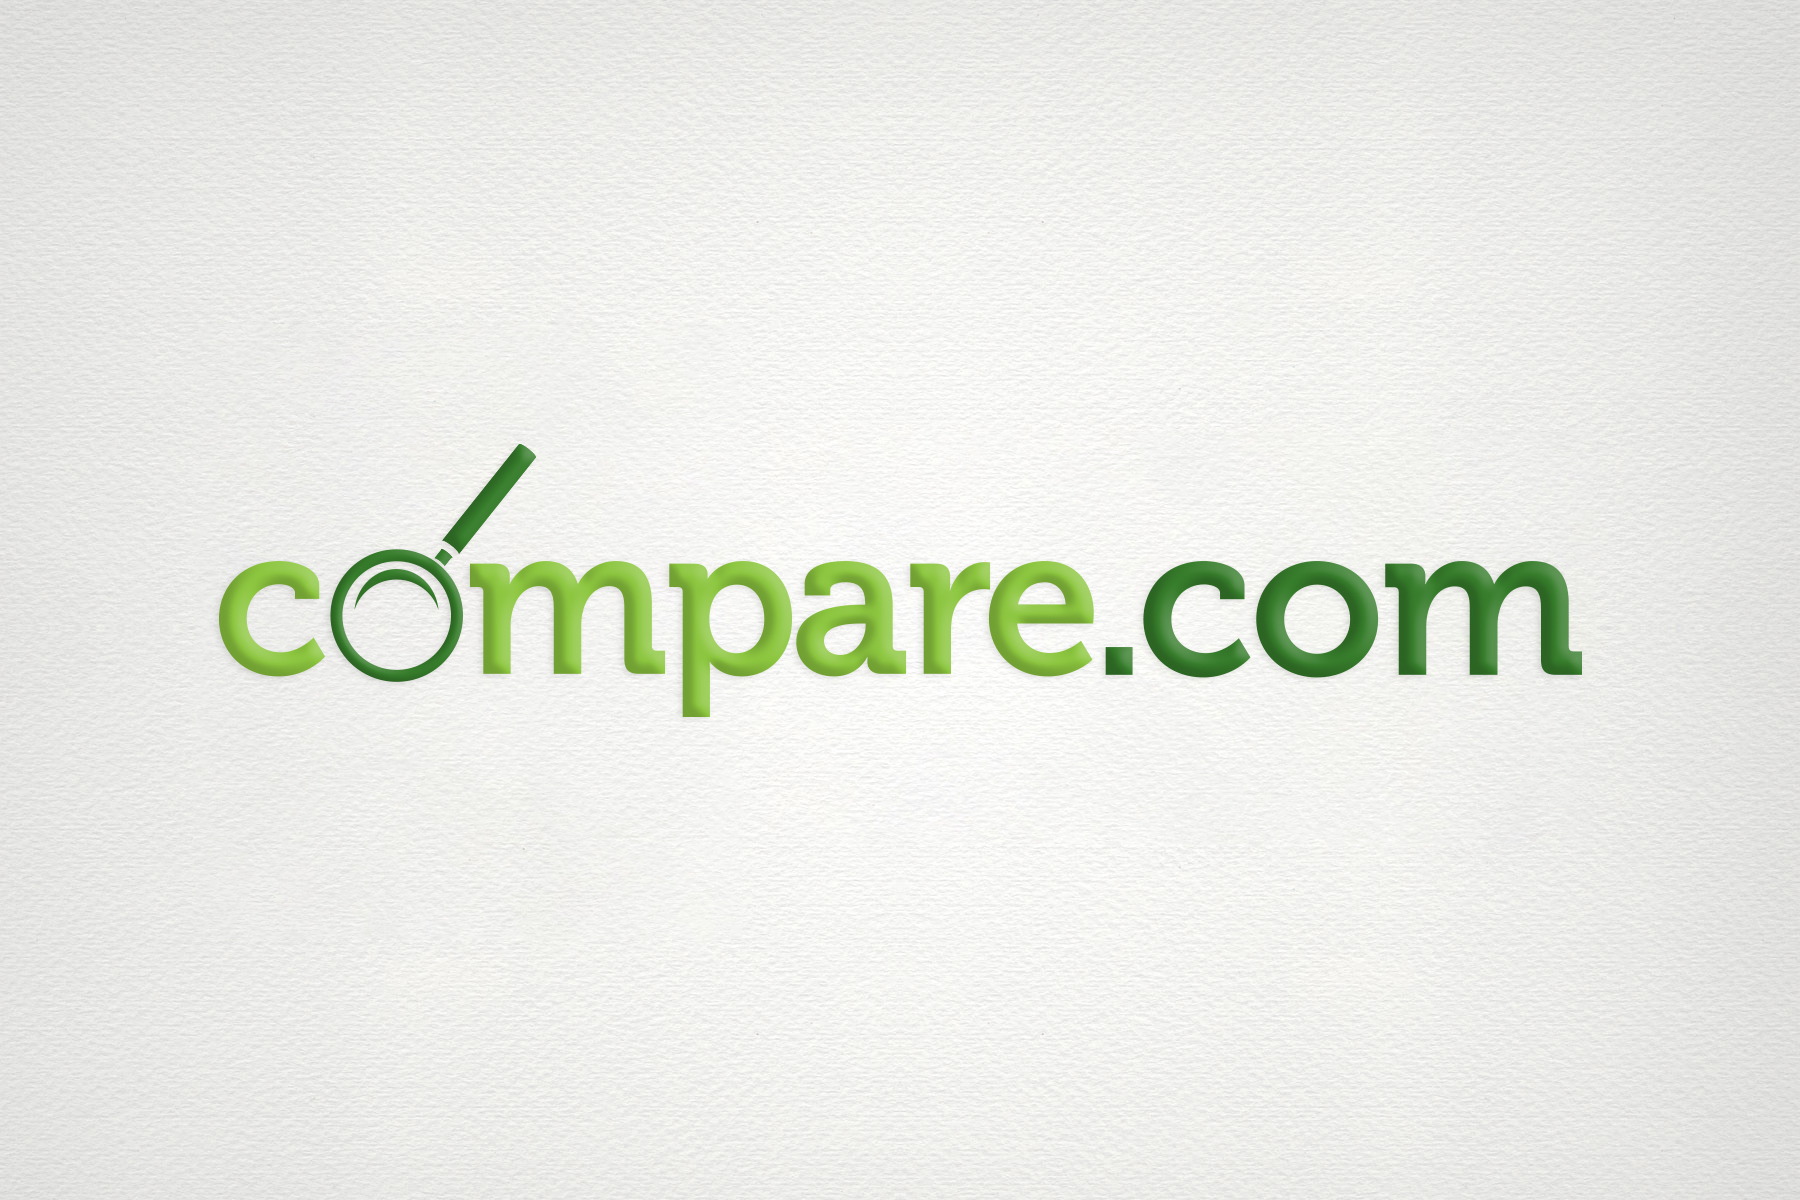 Logos Compare.com